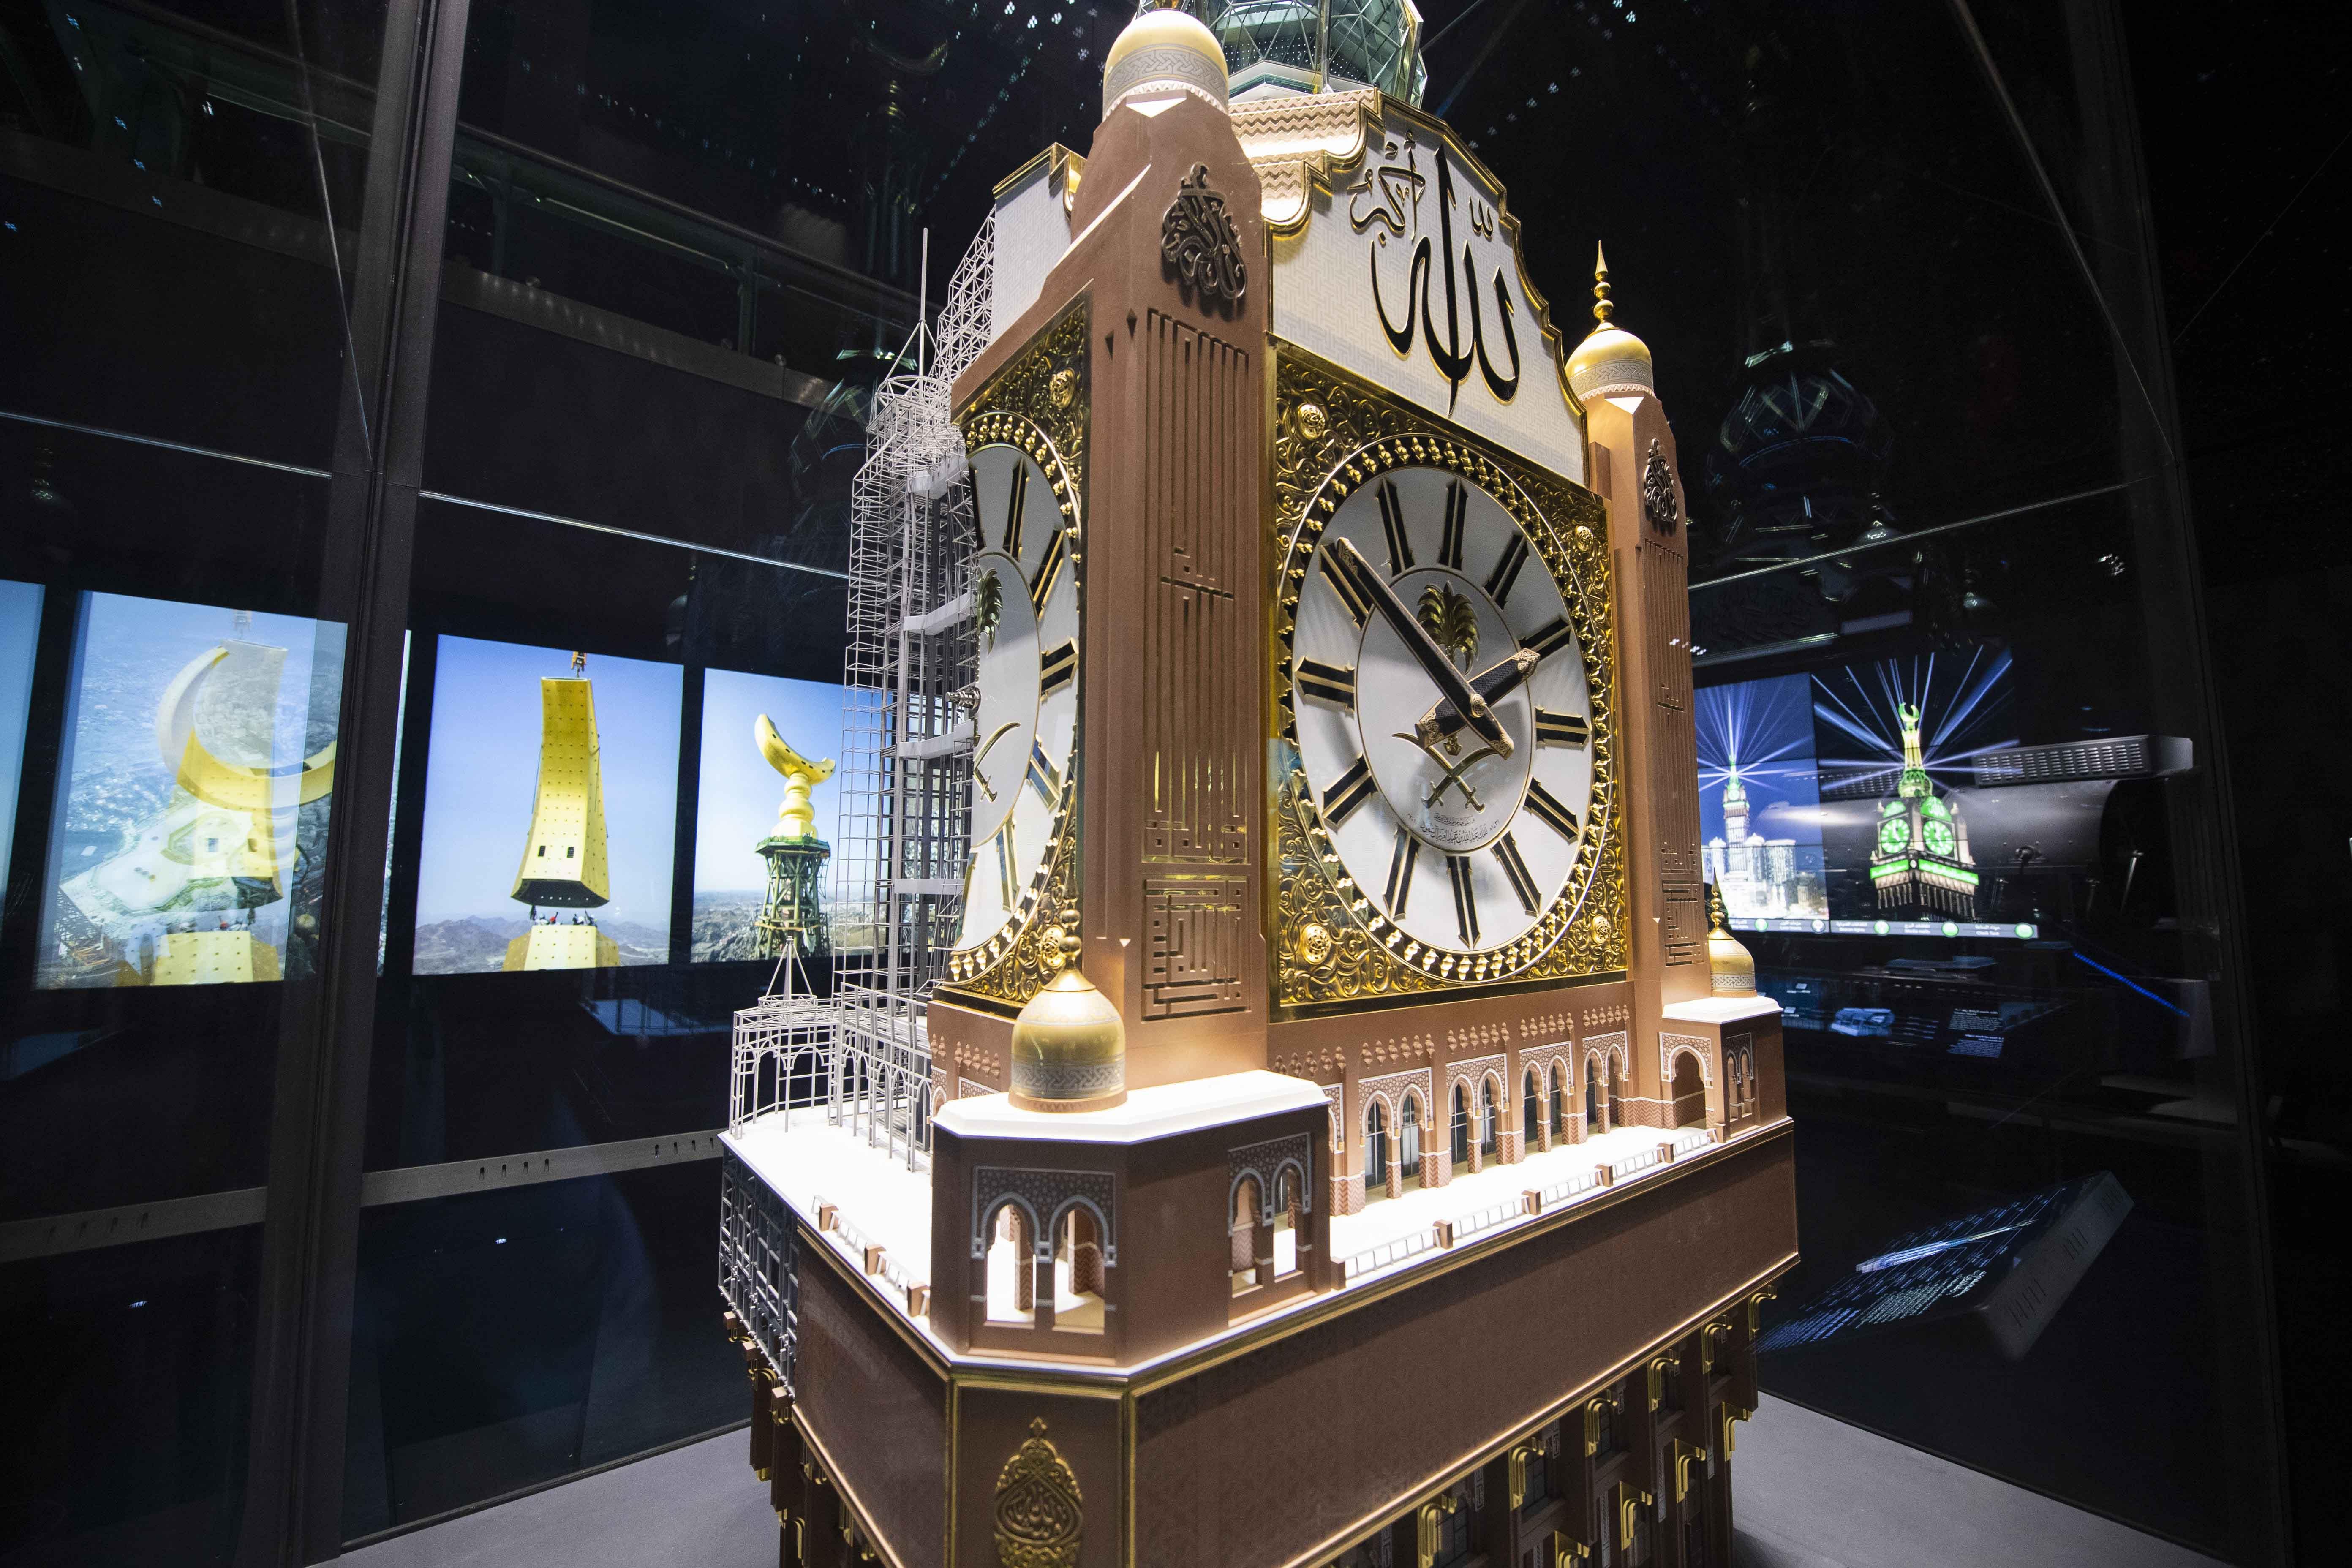 متحف برج الساعة في مكة المكرمة يفتح أبوابه للزوار